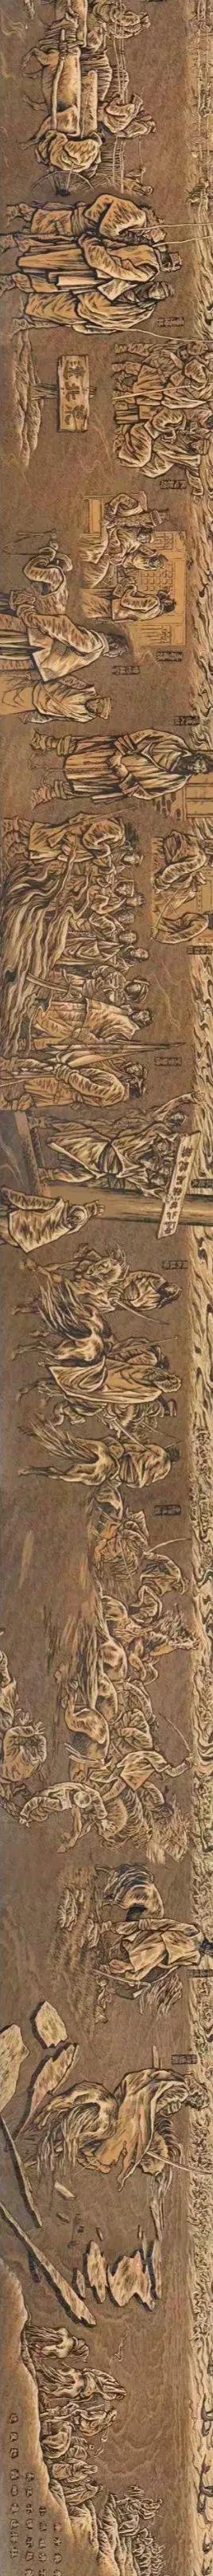 达尔罕草原文化瑰宝——科左中旗版画 第15张 达尔罕草原文化瑰宝——科左中旗版画 蒙古画廊